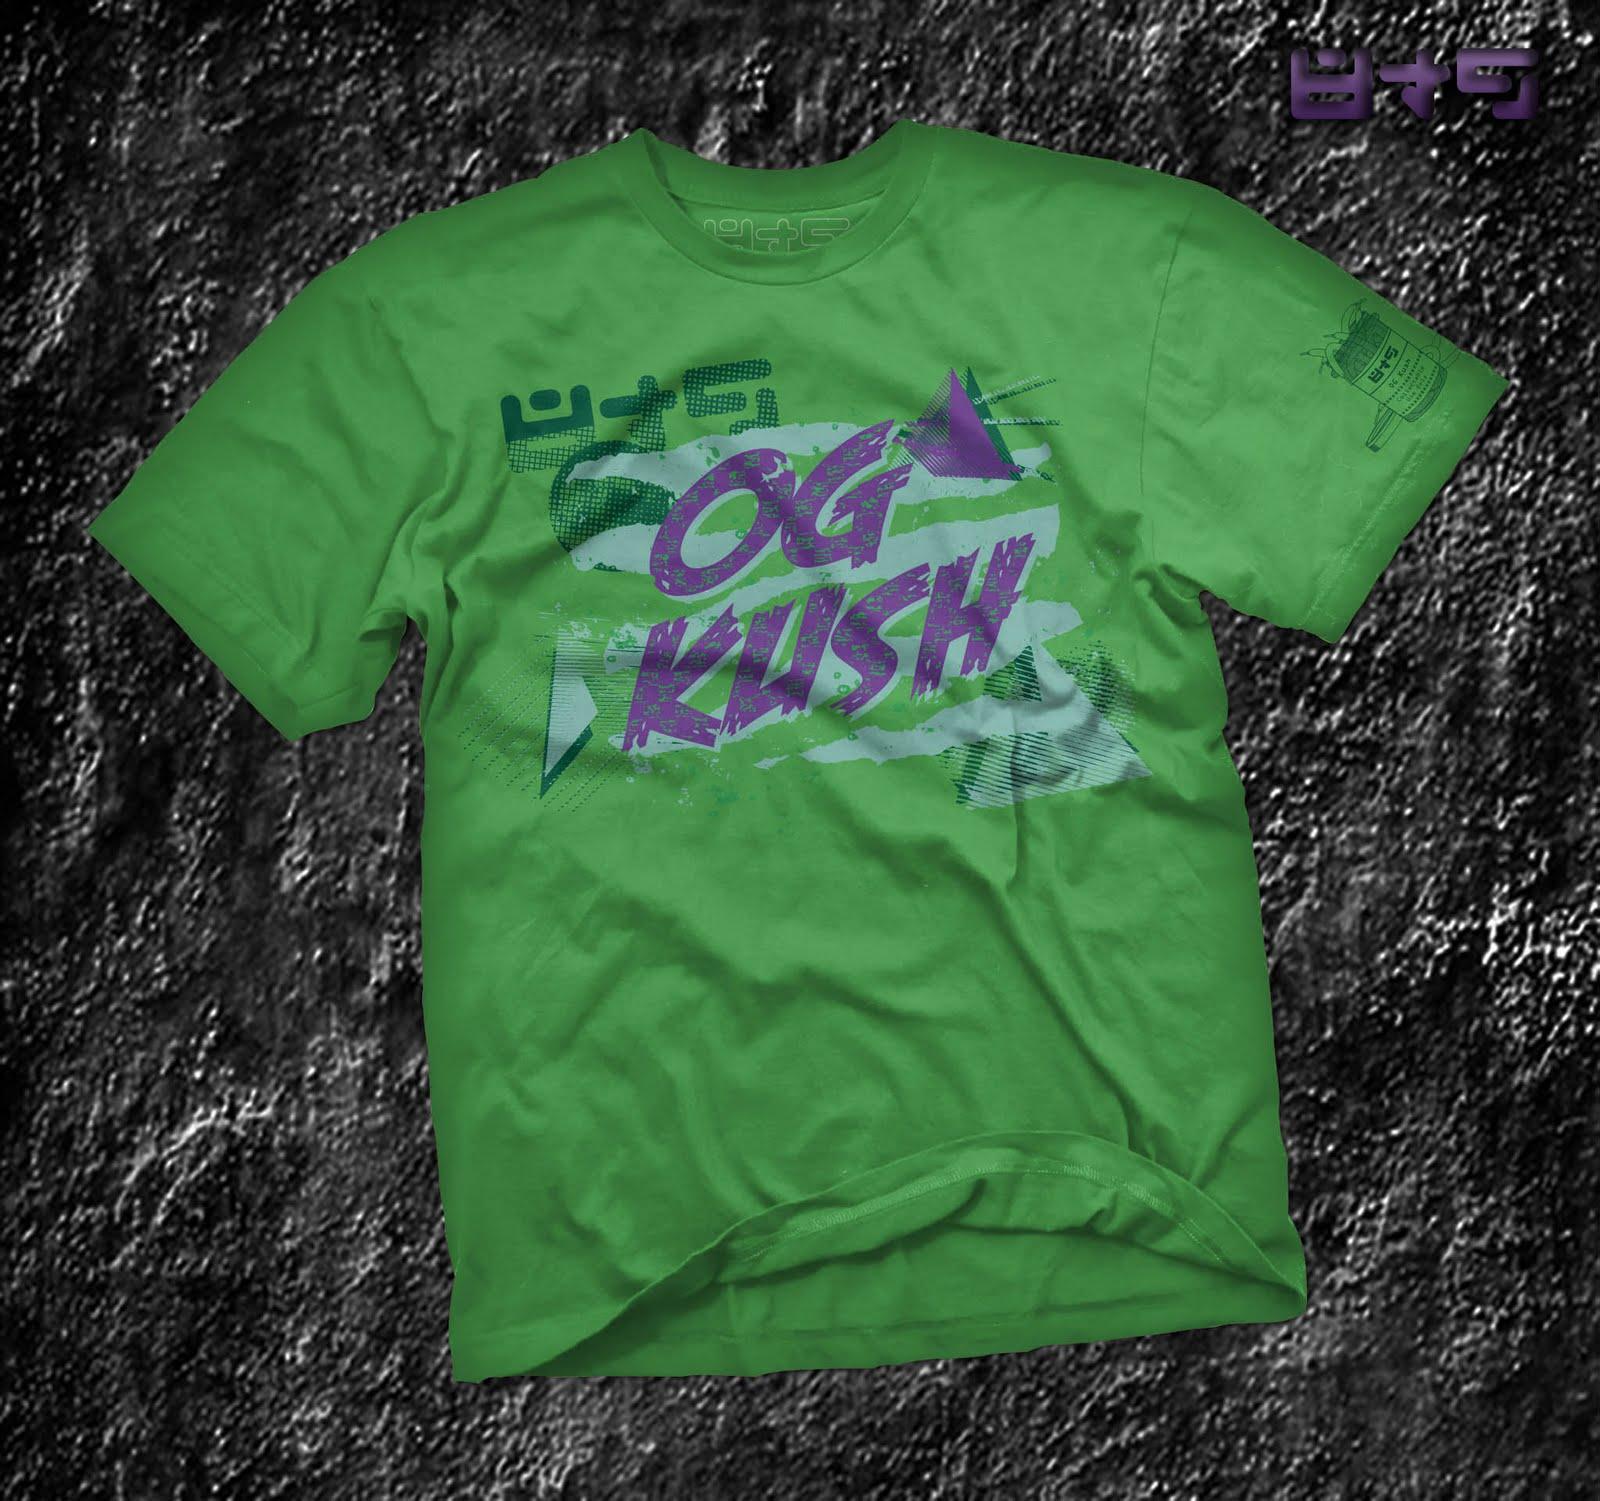 nouveaux styles a671b 20150 Nike Sb T Shirts Amazon | Azərbaycan Dillər Universiteti